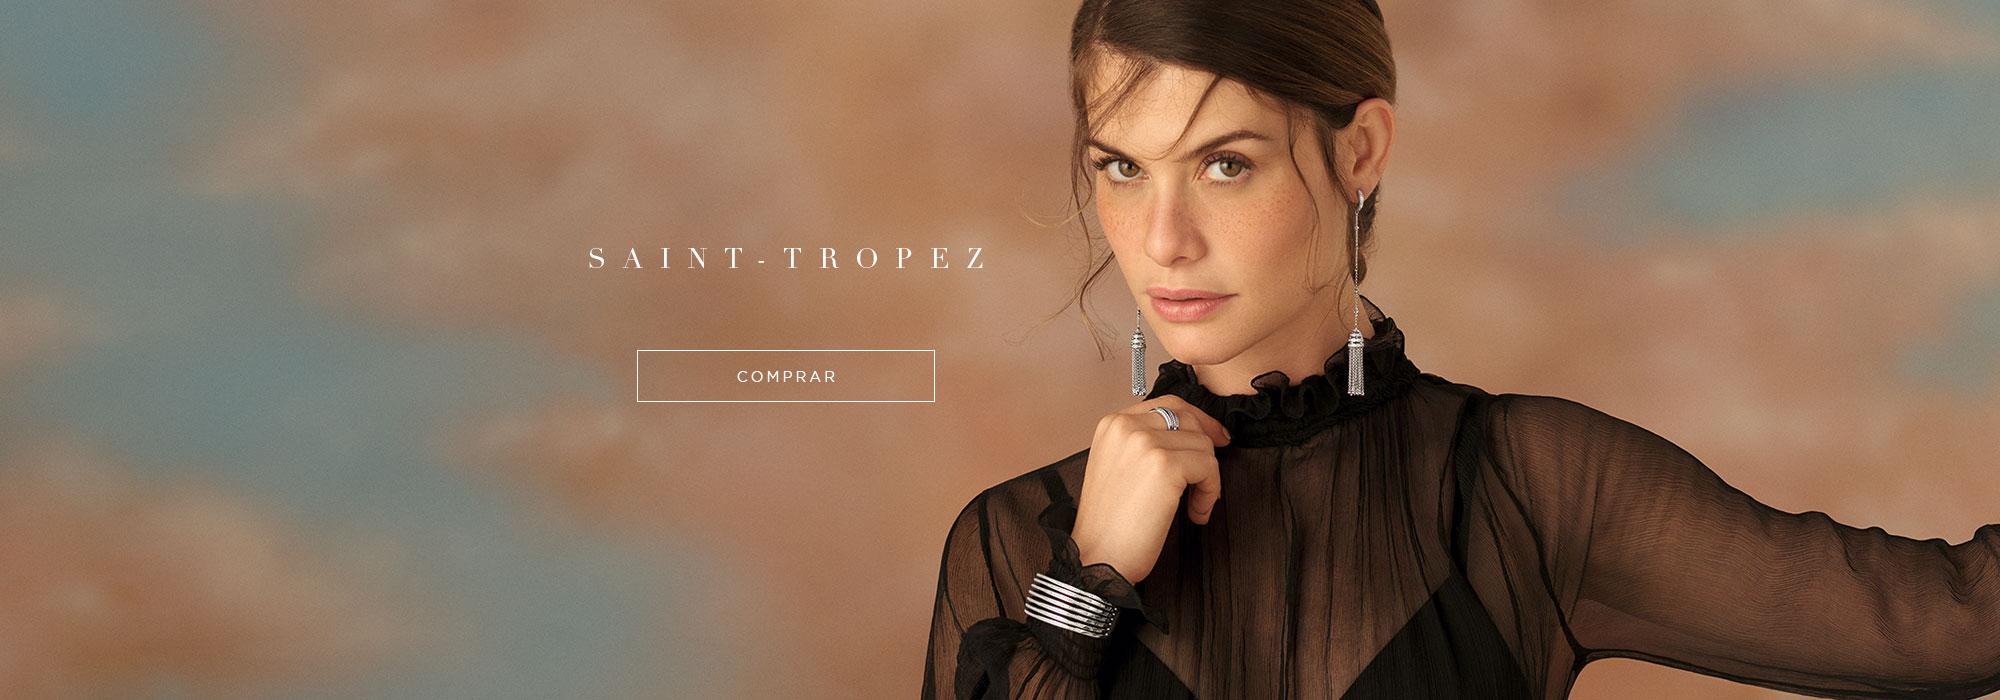 Coleção Saint Tropez